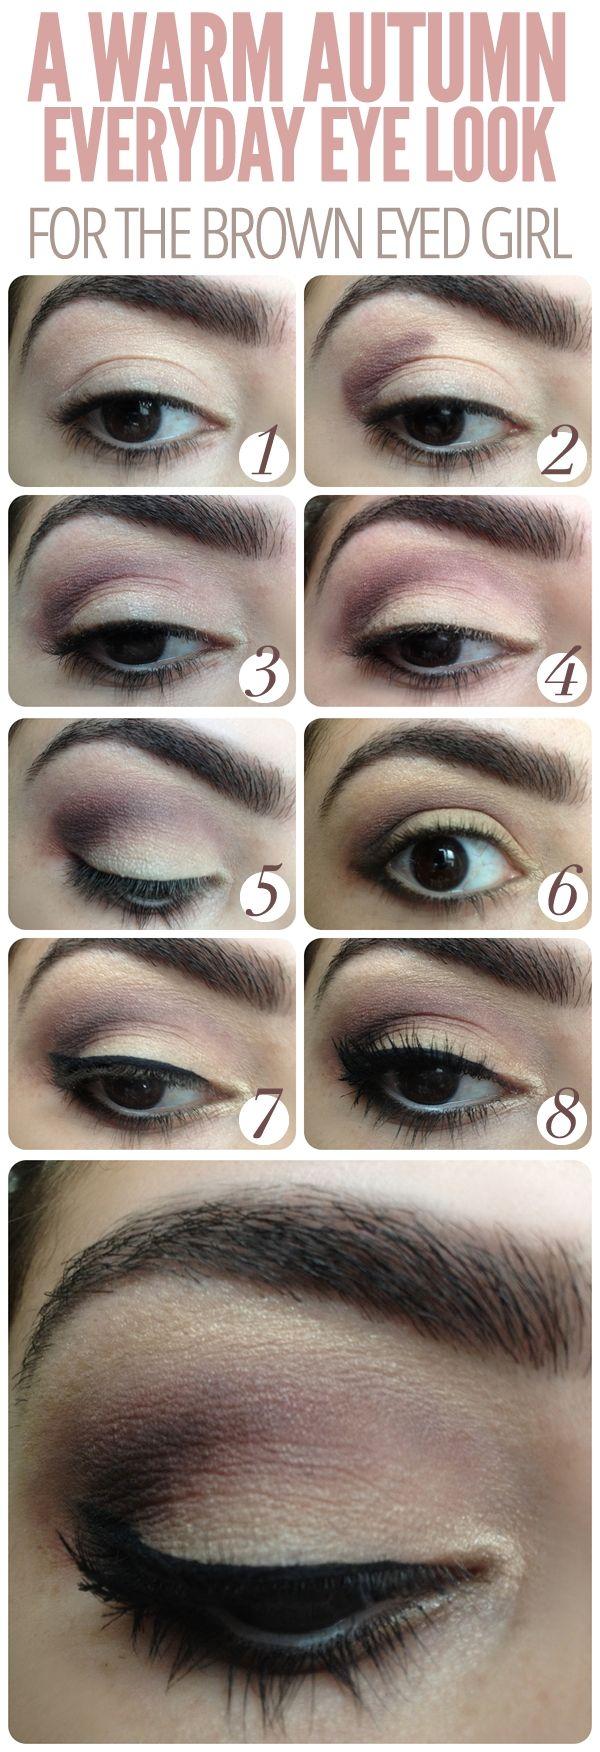 Everyday Eye Makeup On Pinterest: An Autumn Everyday Smokey Eye